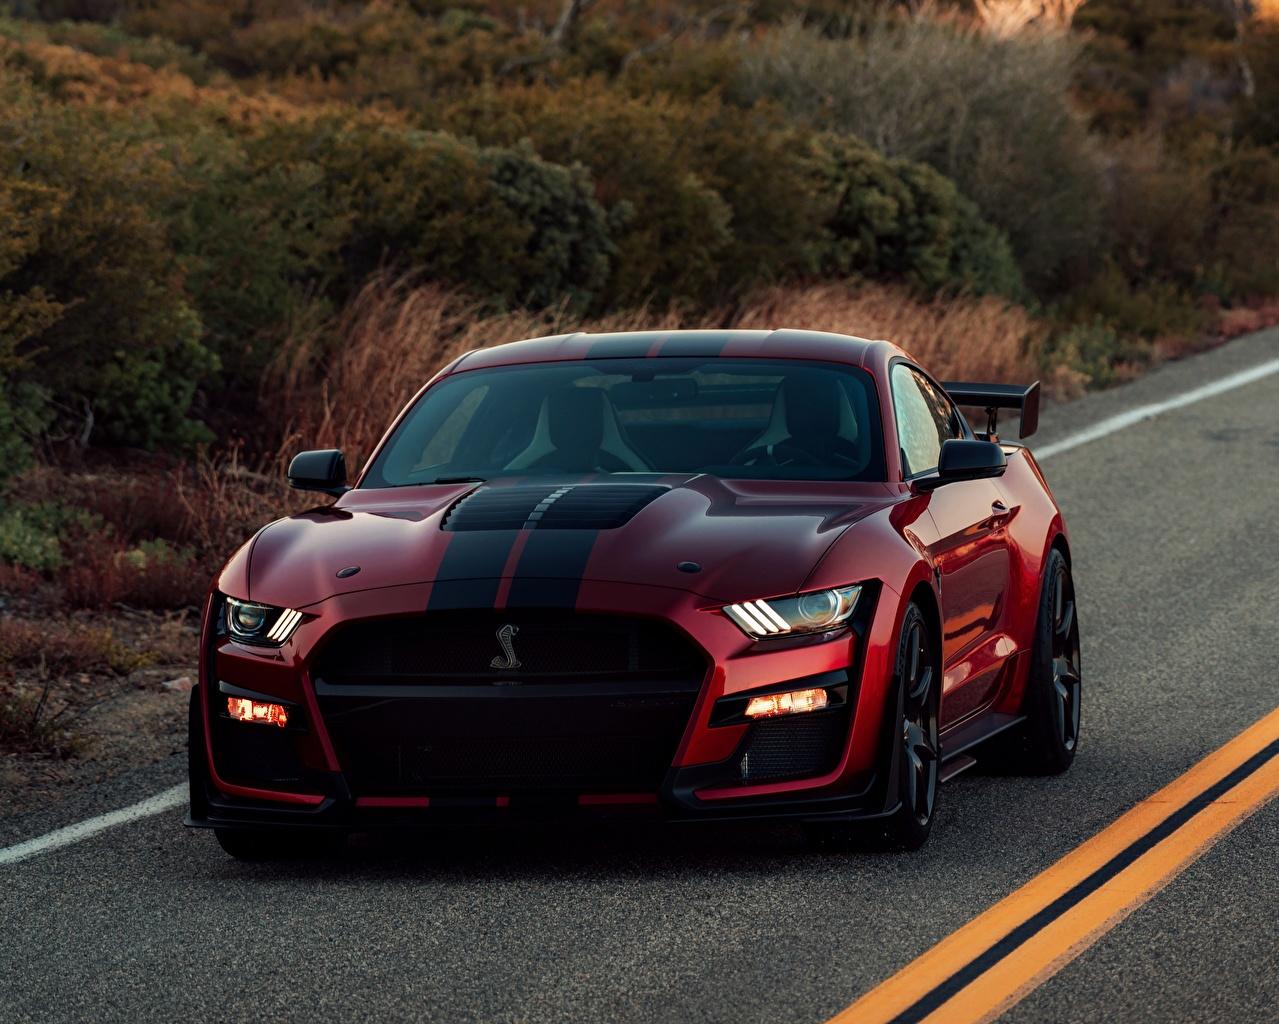 Обои для рабочего стола Ford Mustang Shelby GT500 2019 красные Автомобили Форд красных Красный красная авто машина машины автомобиль